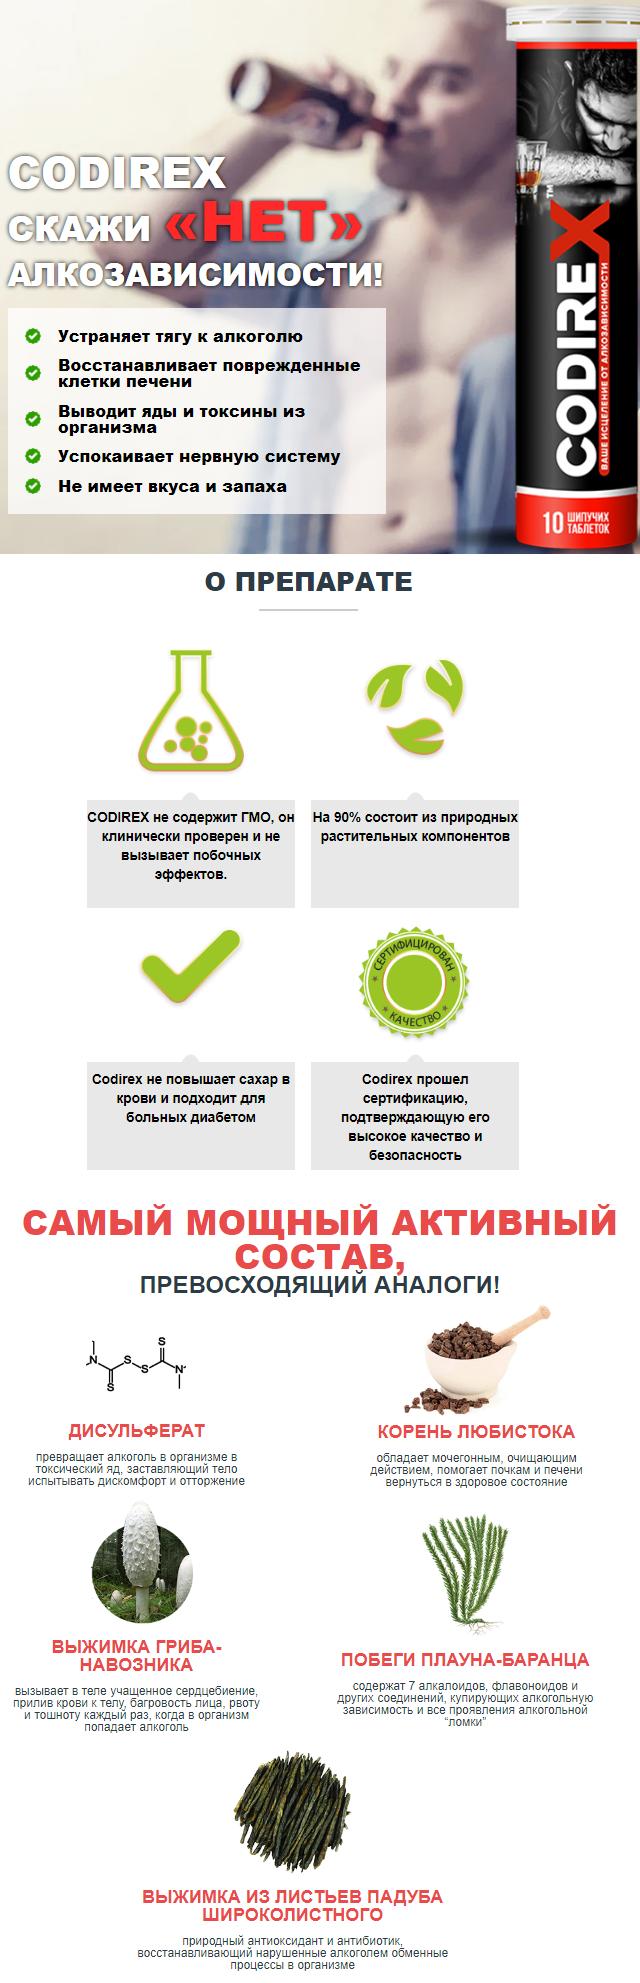 Очищение организма: программы, средства, методики, эффективного очищения организма, с чего лучше начать?